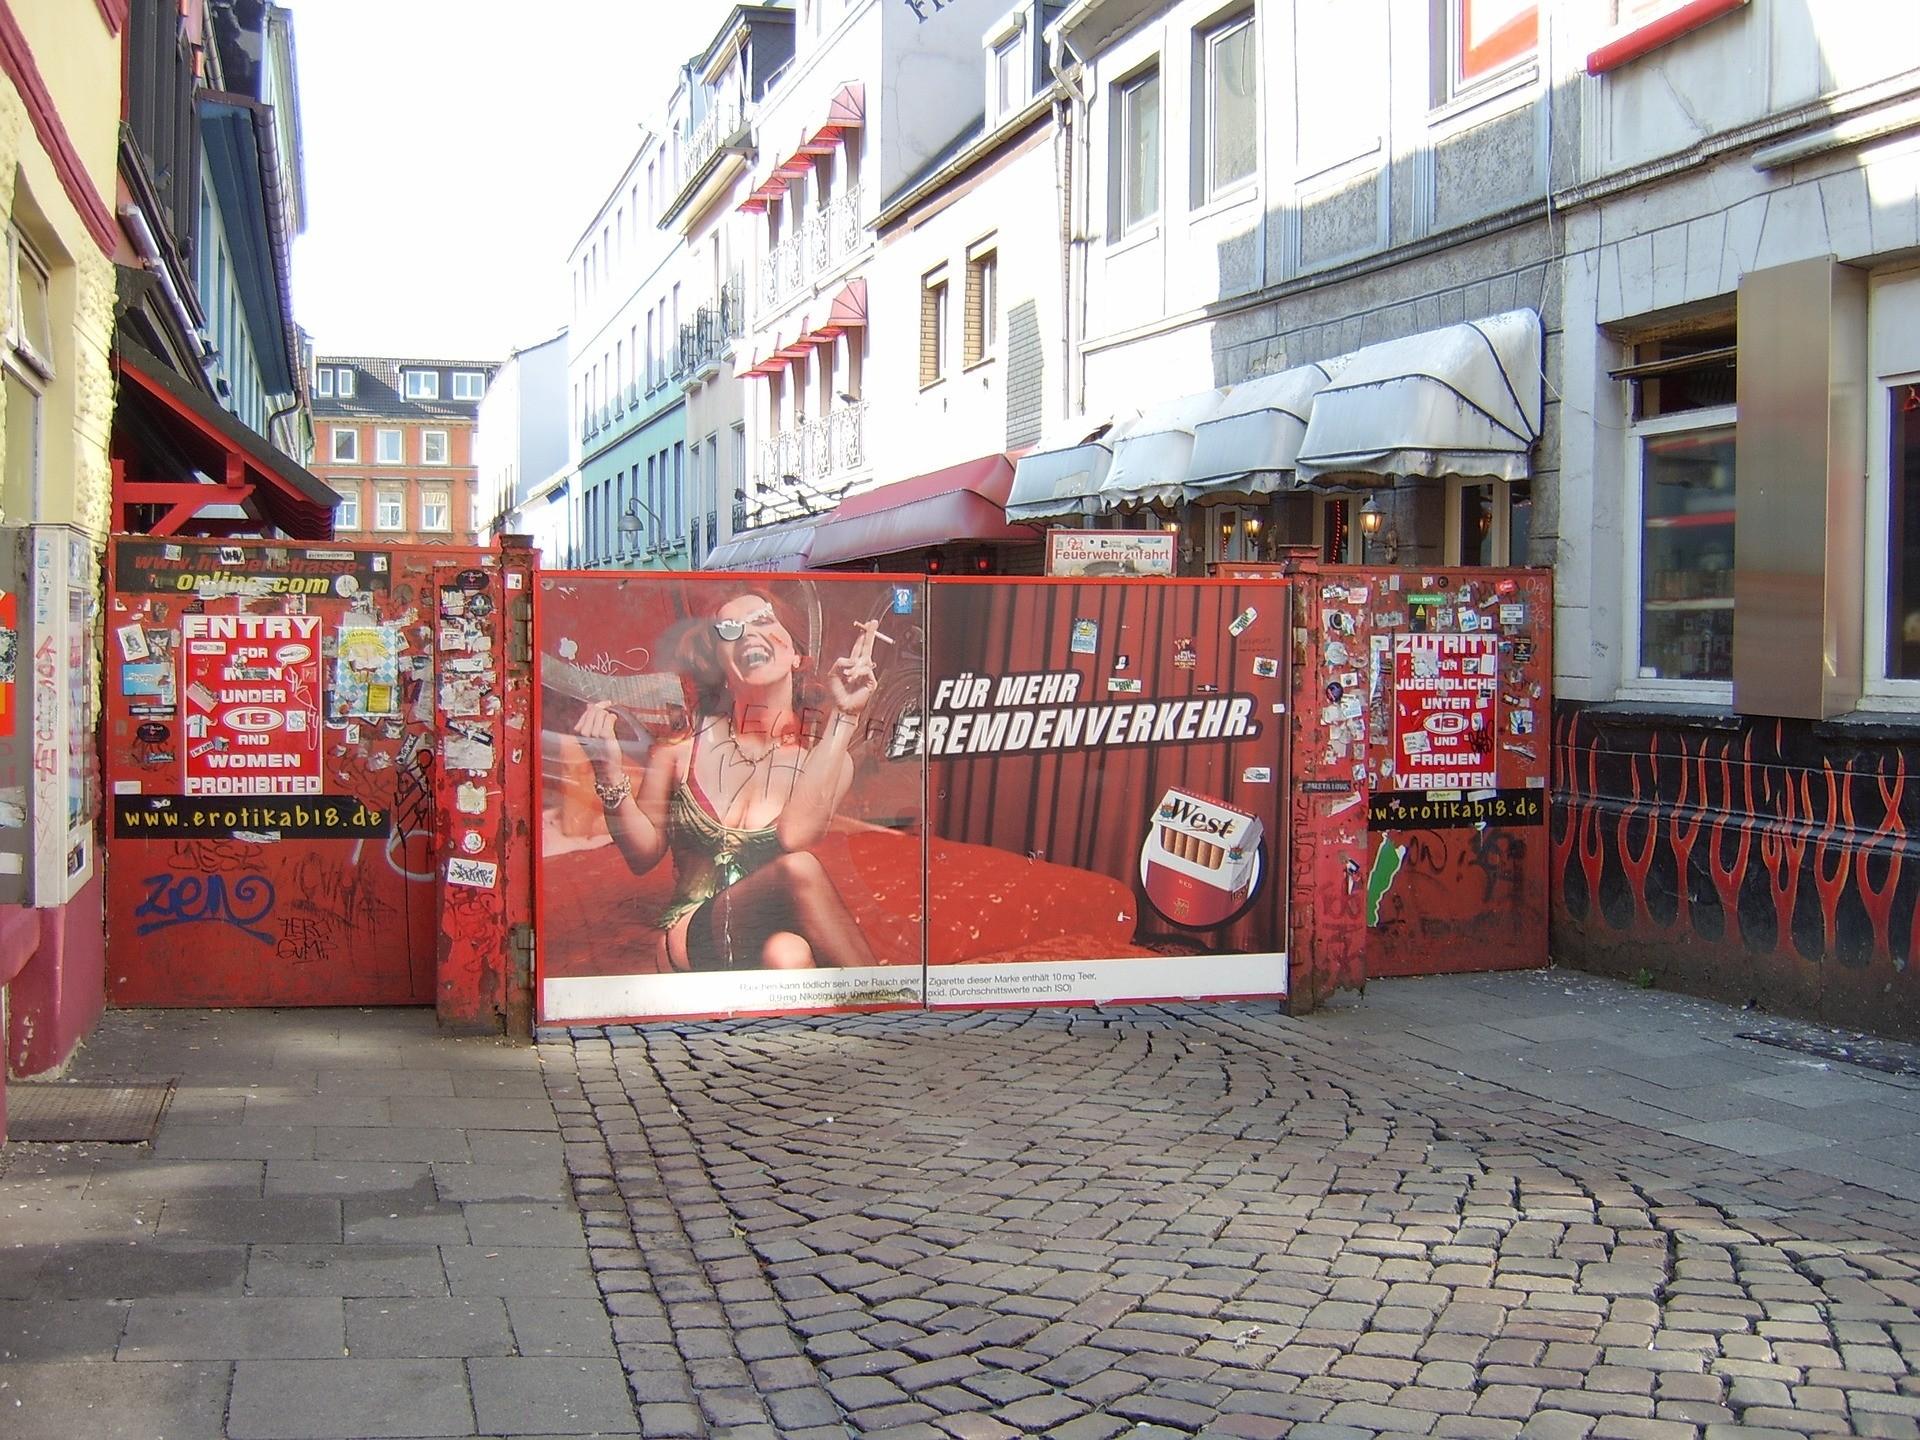 Immer ein Besuh wert. Die Reeperbahn in Hamburg.